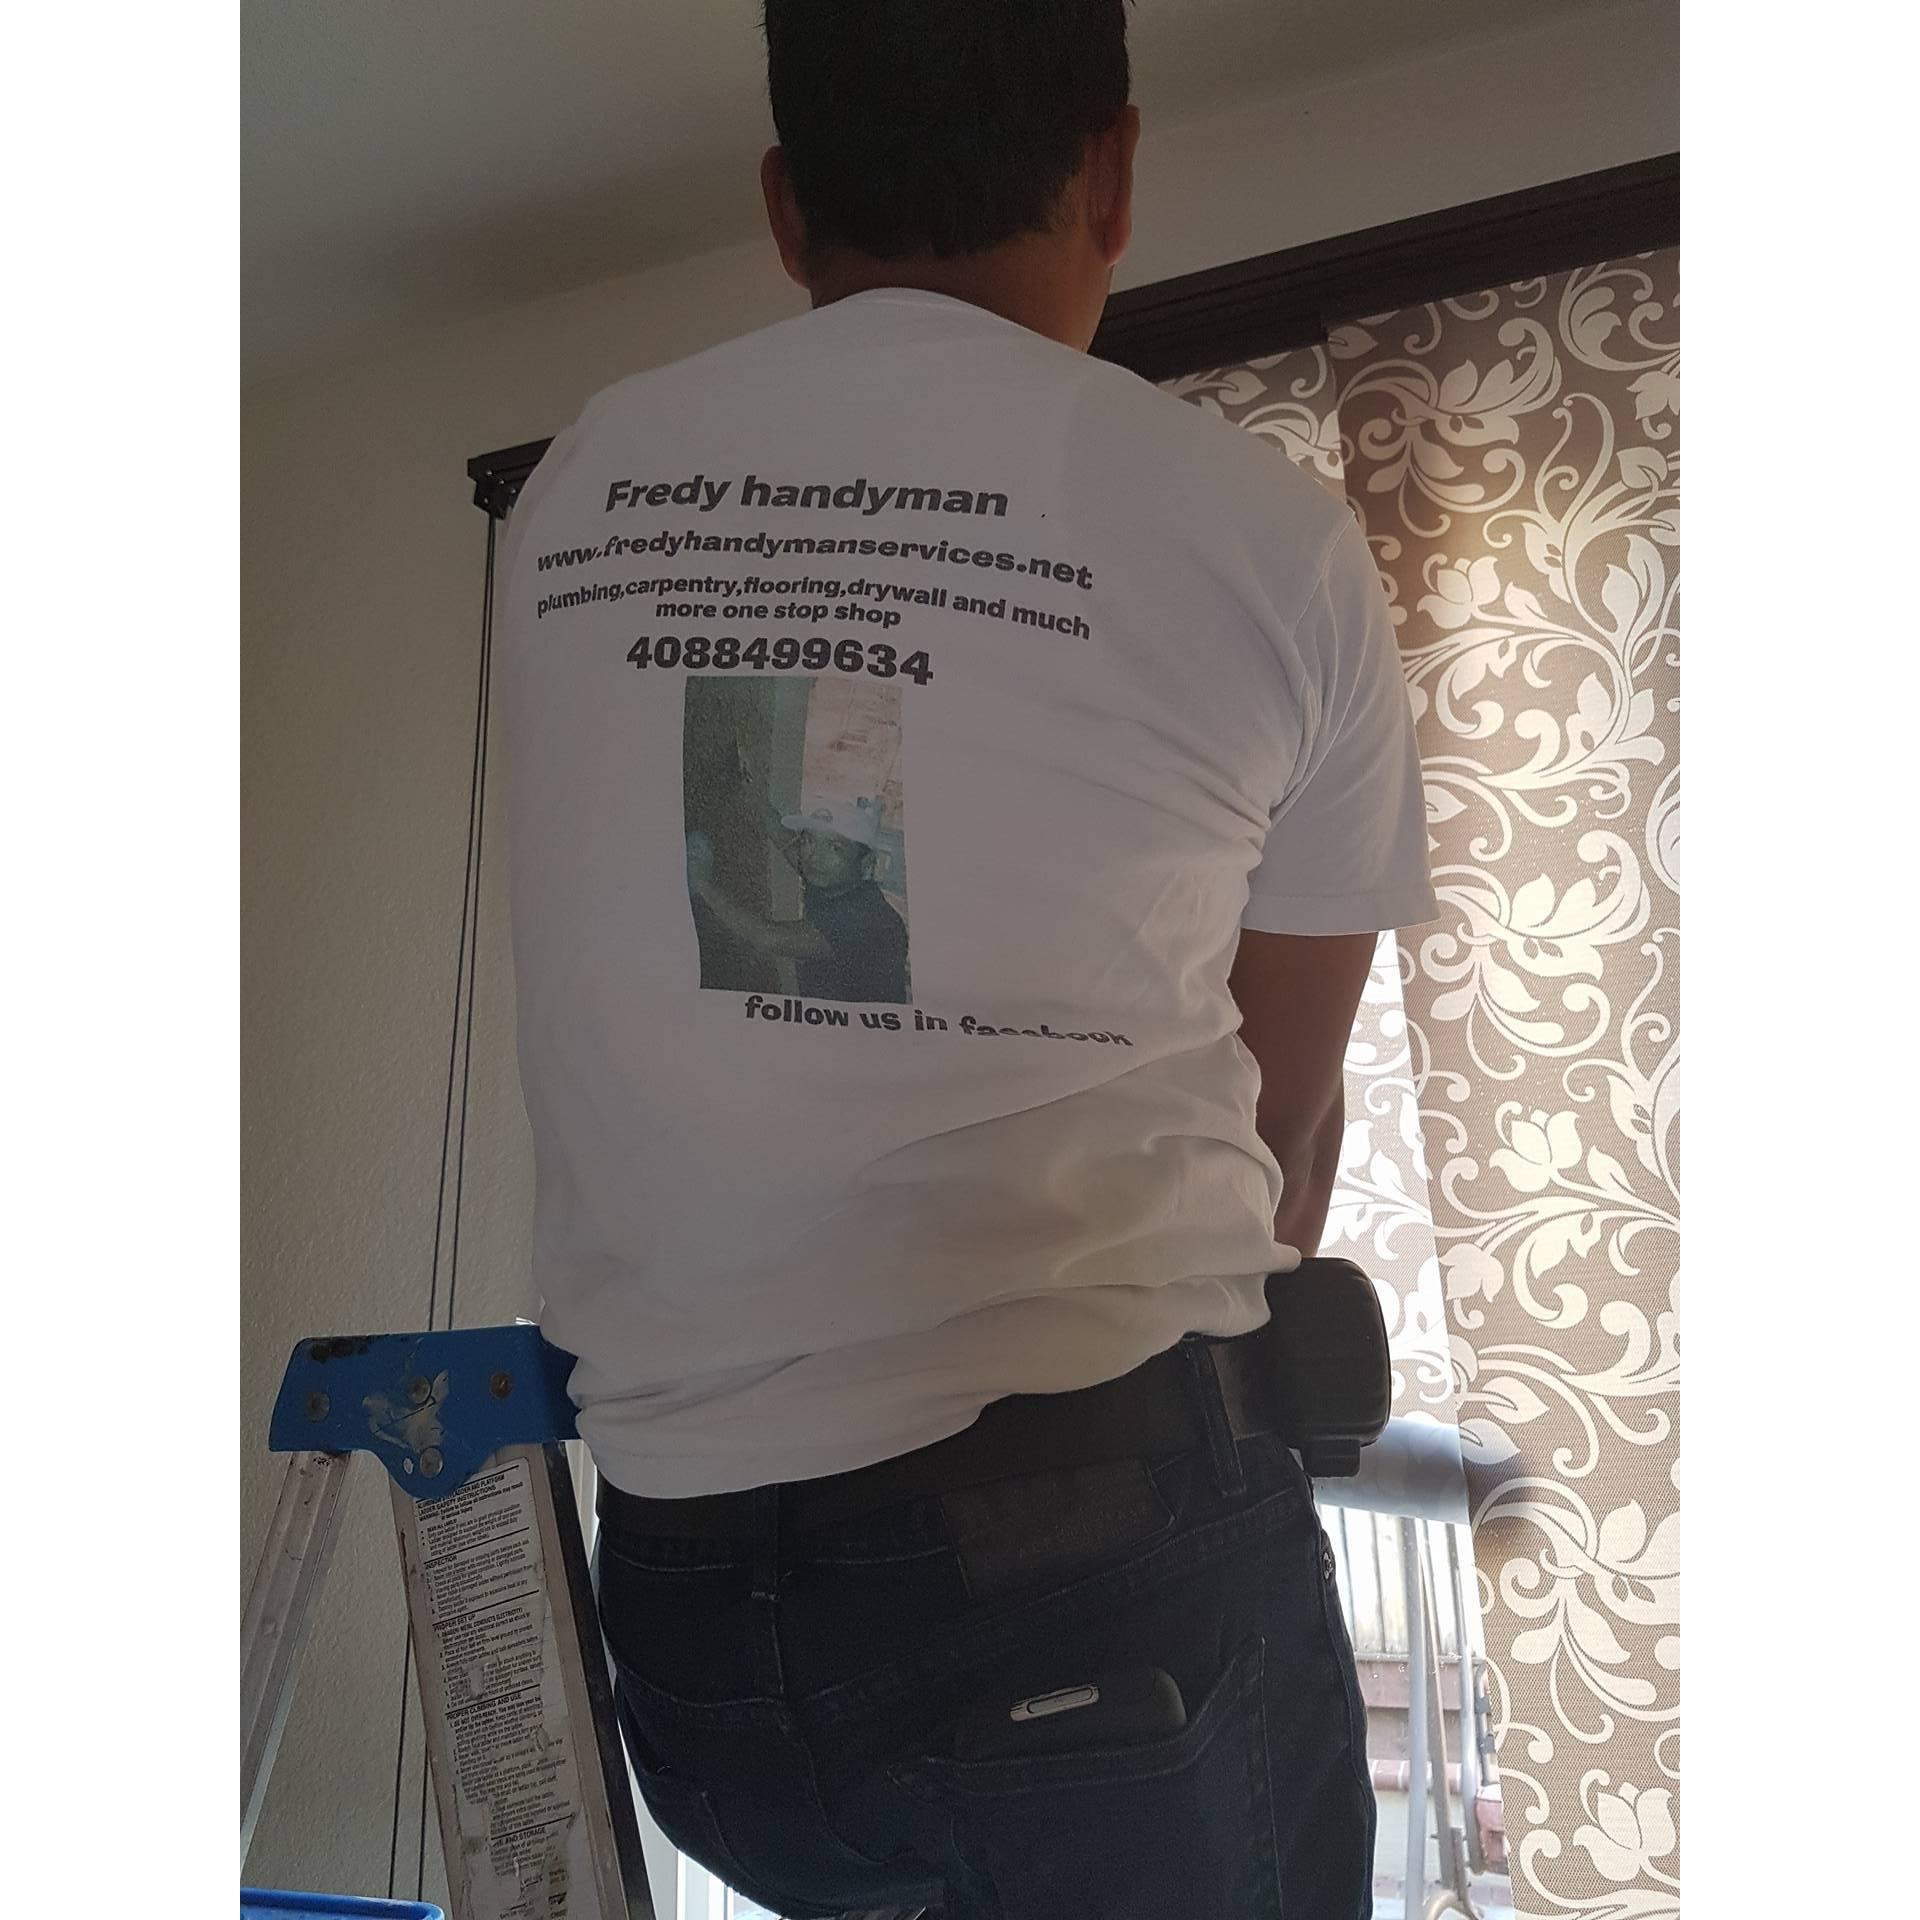 fredy handyman